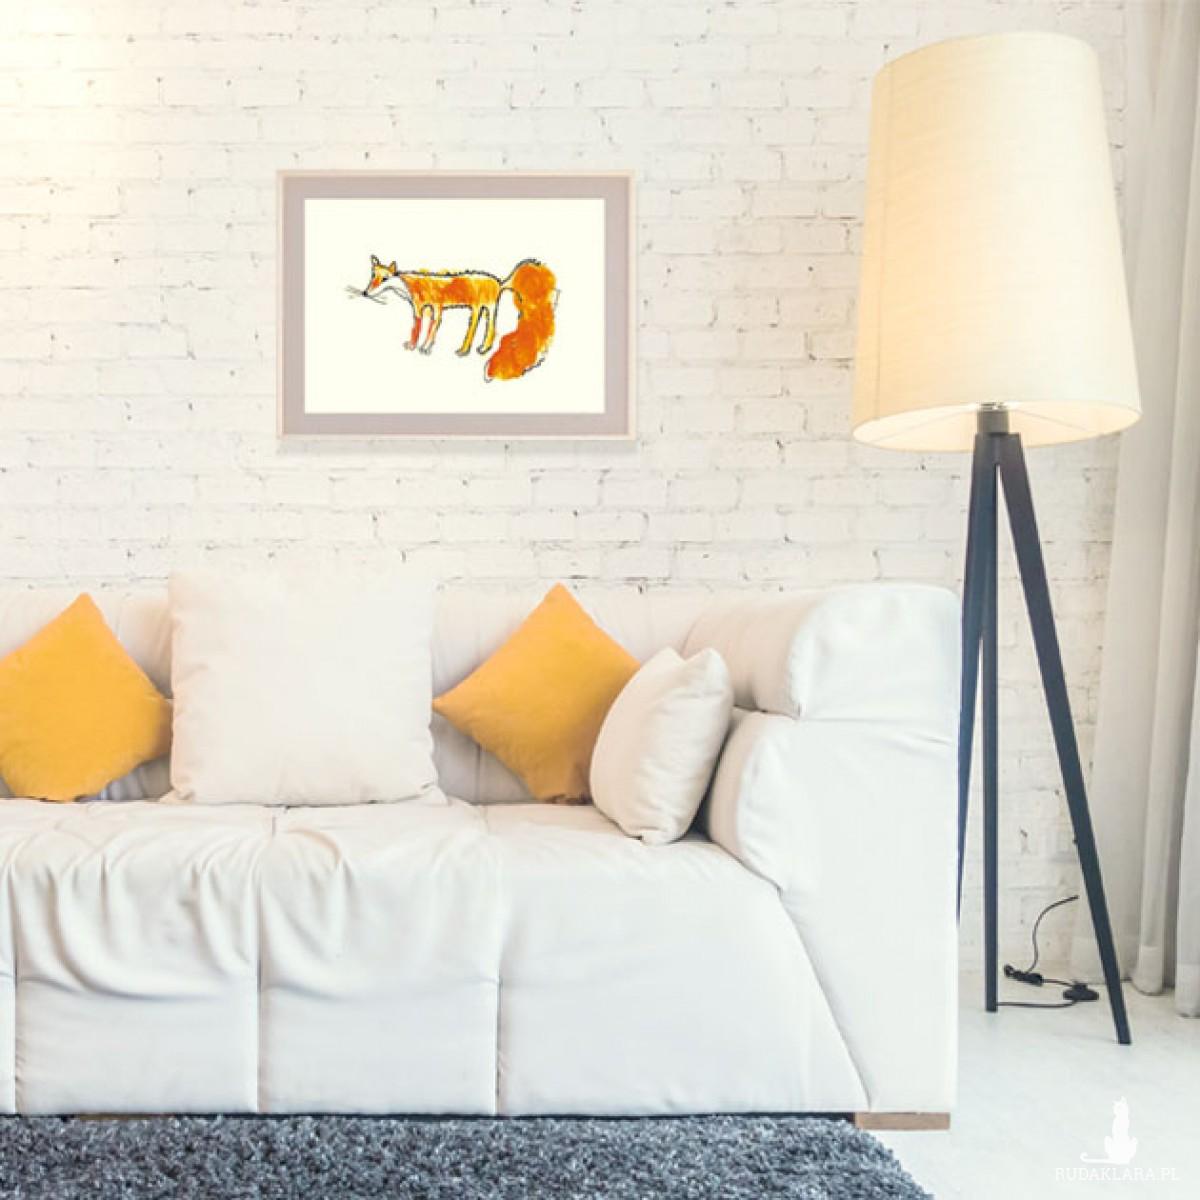 lis plakat na ścianę, lis grafika do pokoju, plakat z liskiem, obrazek z lisem, skandynawski plakat, skandynawska grafika do pokoju